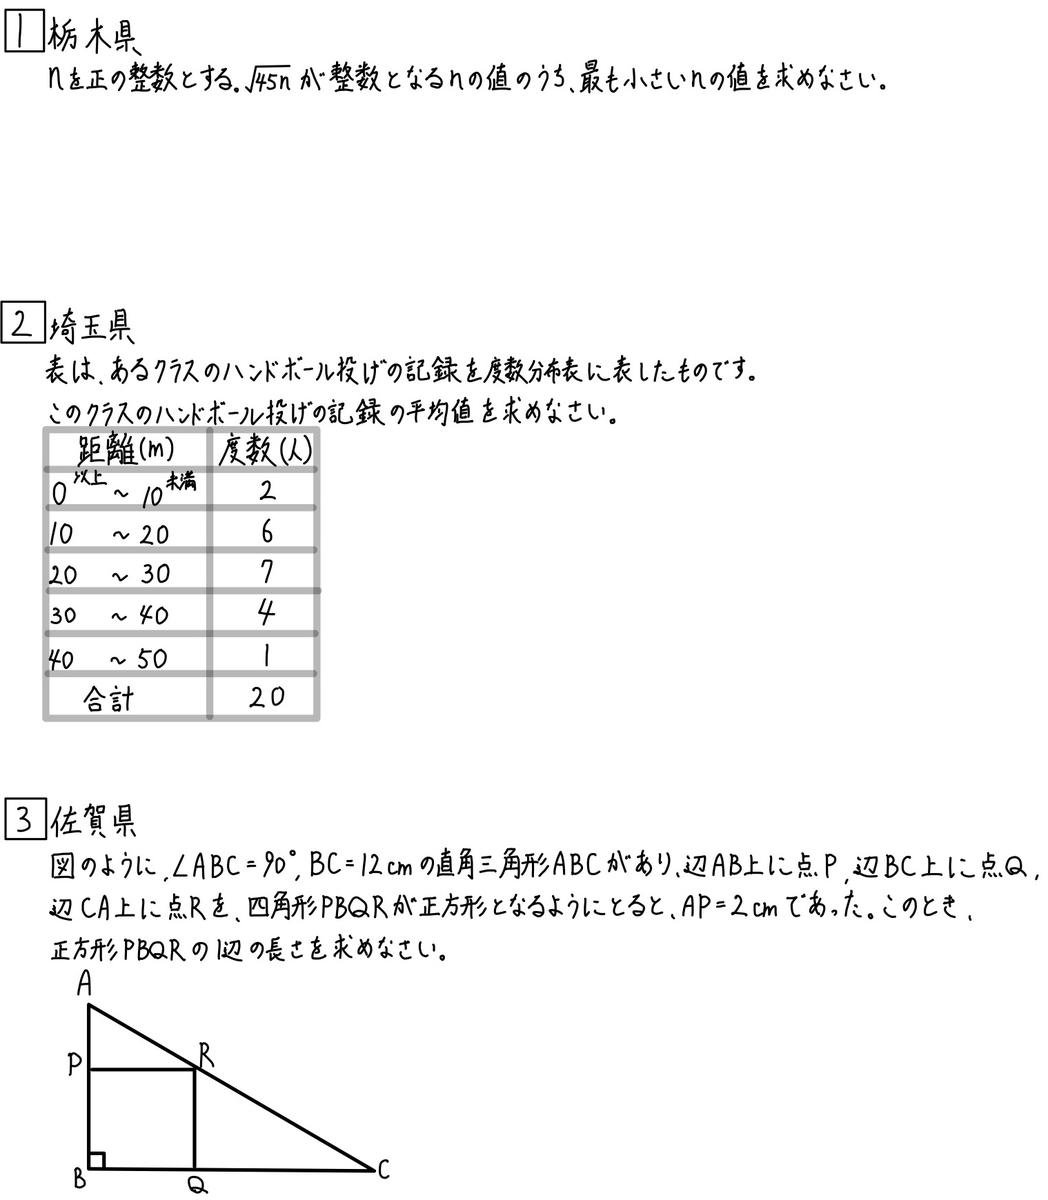 偏差値50突破への道No.18